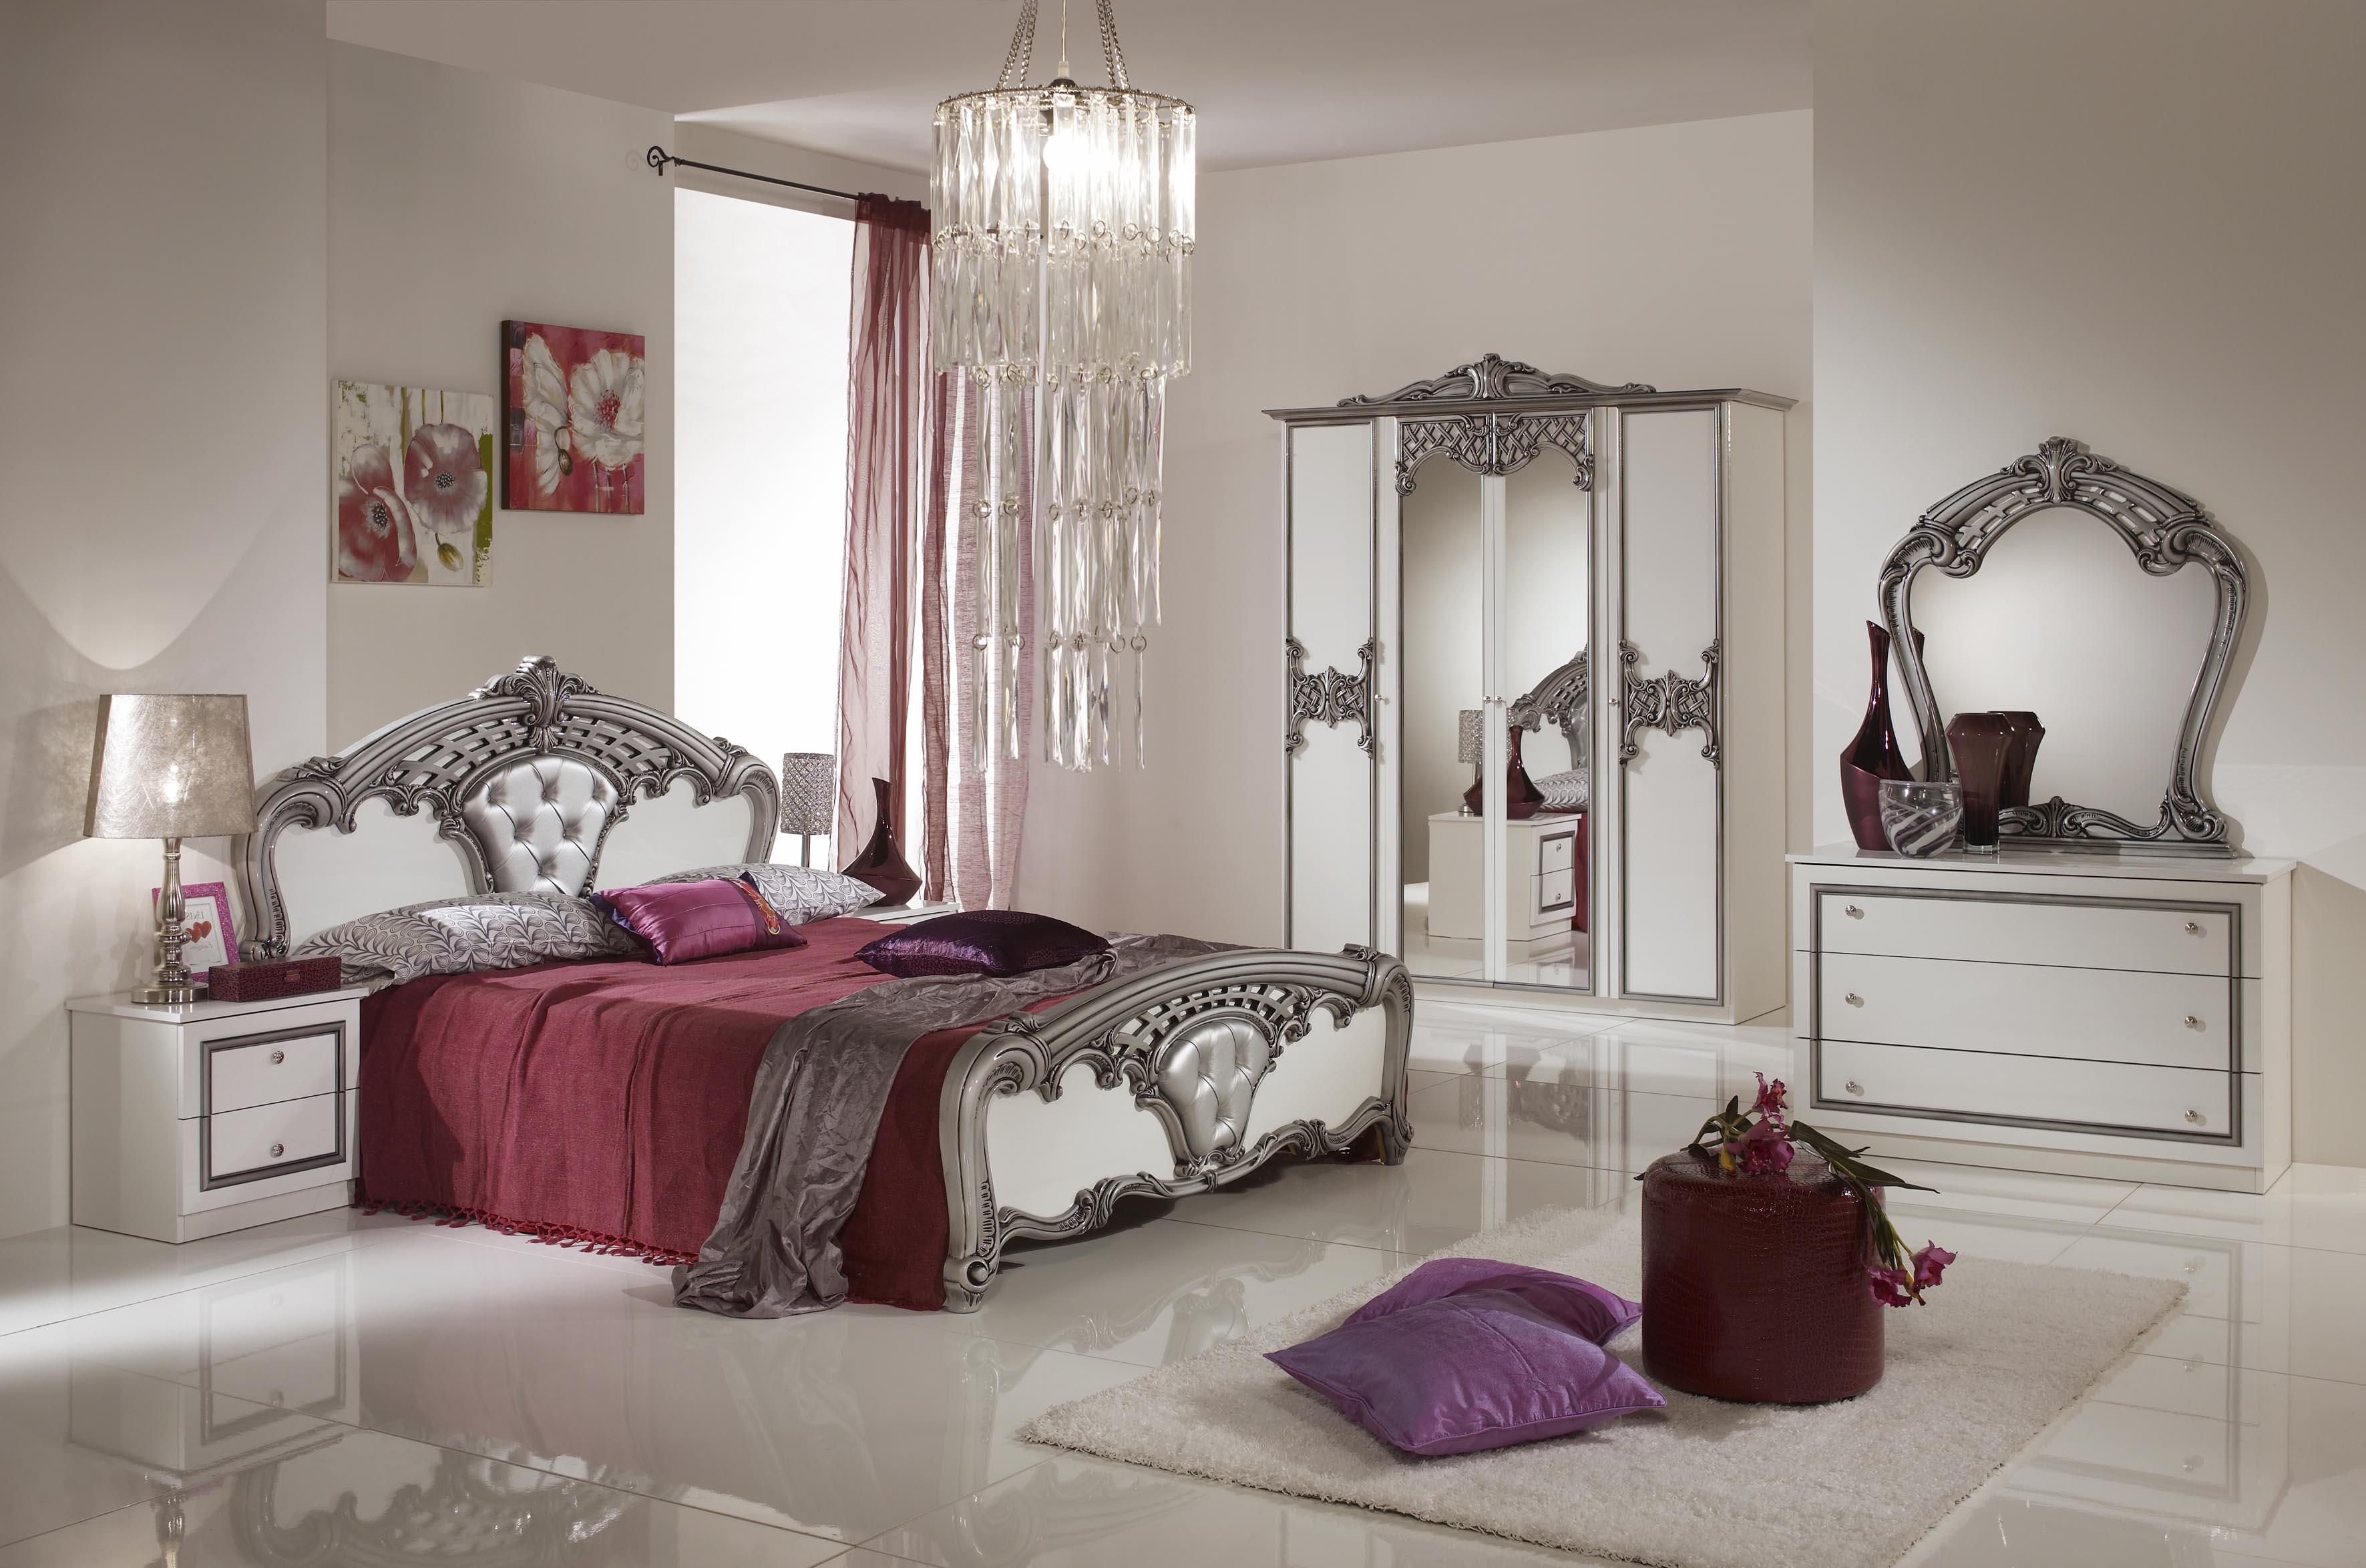 Schlafzimmer Elisa weiss Silber 160 x 200 cm Klassisch Royal Sti-DH ...